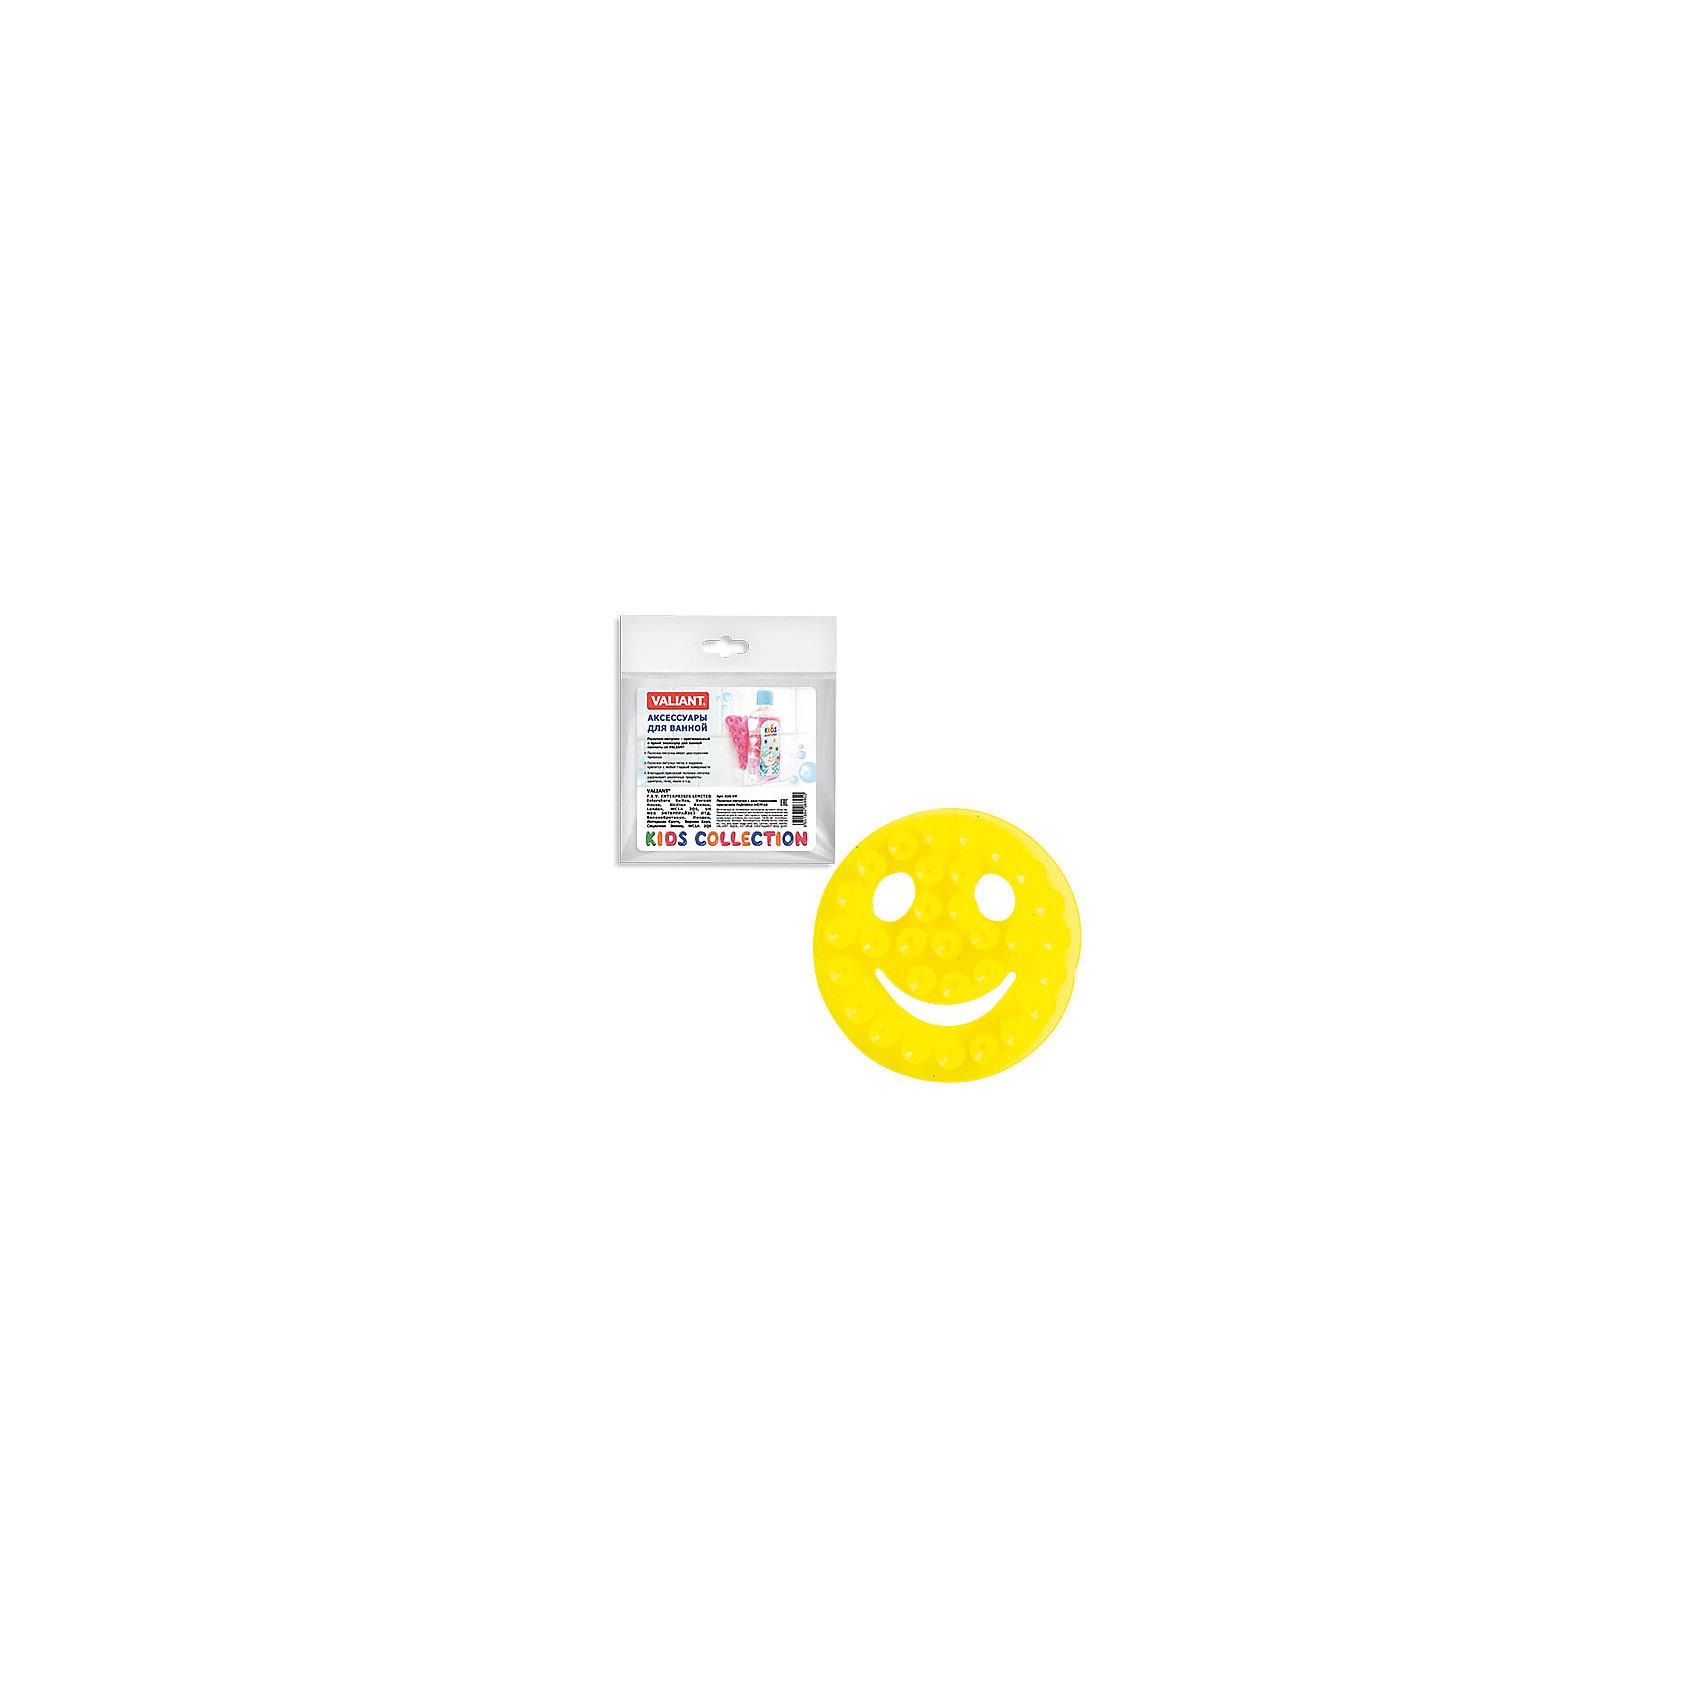 Полочка-липучка Желтый смайлик с двусторонними присоскамиВанная комната<br>Полочка-липучка - это оригинальная игрушка для купания Вашего малыша, а так же функциональное решение по удобному креплению аксессуаров для ванной комнаты: шампуни, жидкое мыло и т.д.<br><br>Дополнительная информация:<br> <br>- размер: 8 * 8 см.<br>- материал: полимеры<br><br>Полочку-липучка Желтый смайлик с двусторонними присосками можно купить в нашем интернет-магазине.<br><br>Ширина мм: 135<br>Глубина мм: 8<br>Высота мм: 160<br>Вес г: 17<br>Возраст от месяцев: -2147483648<br>Возраст до месяцев: 2147483647<br>Пол: Унисекс<br>Возраст: Детский<br>SKU: 4563413